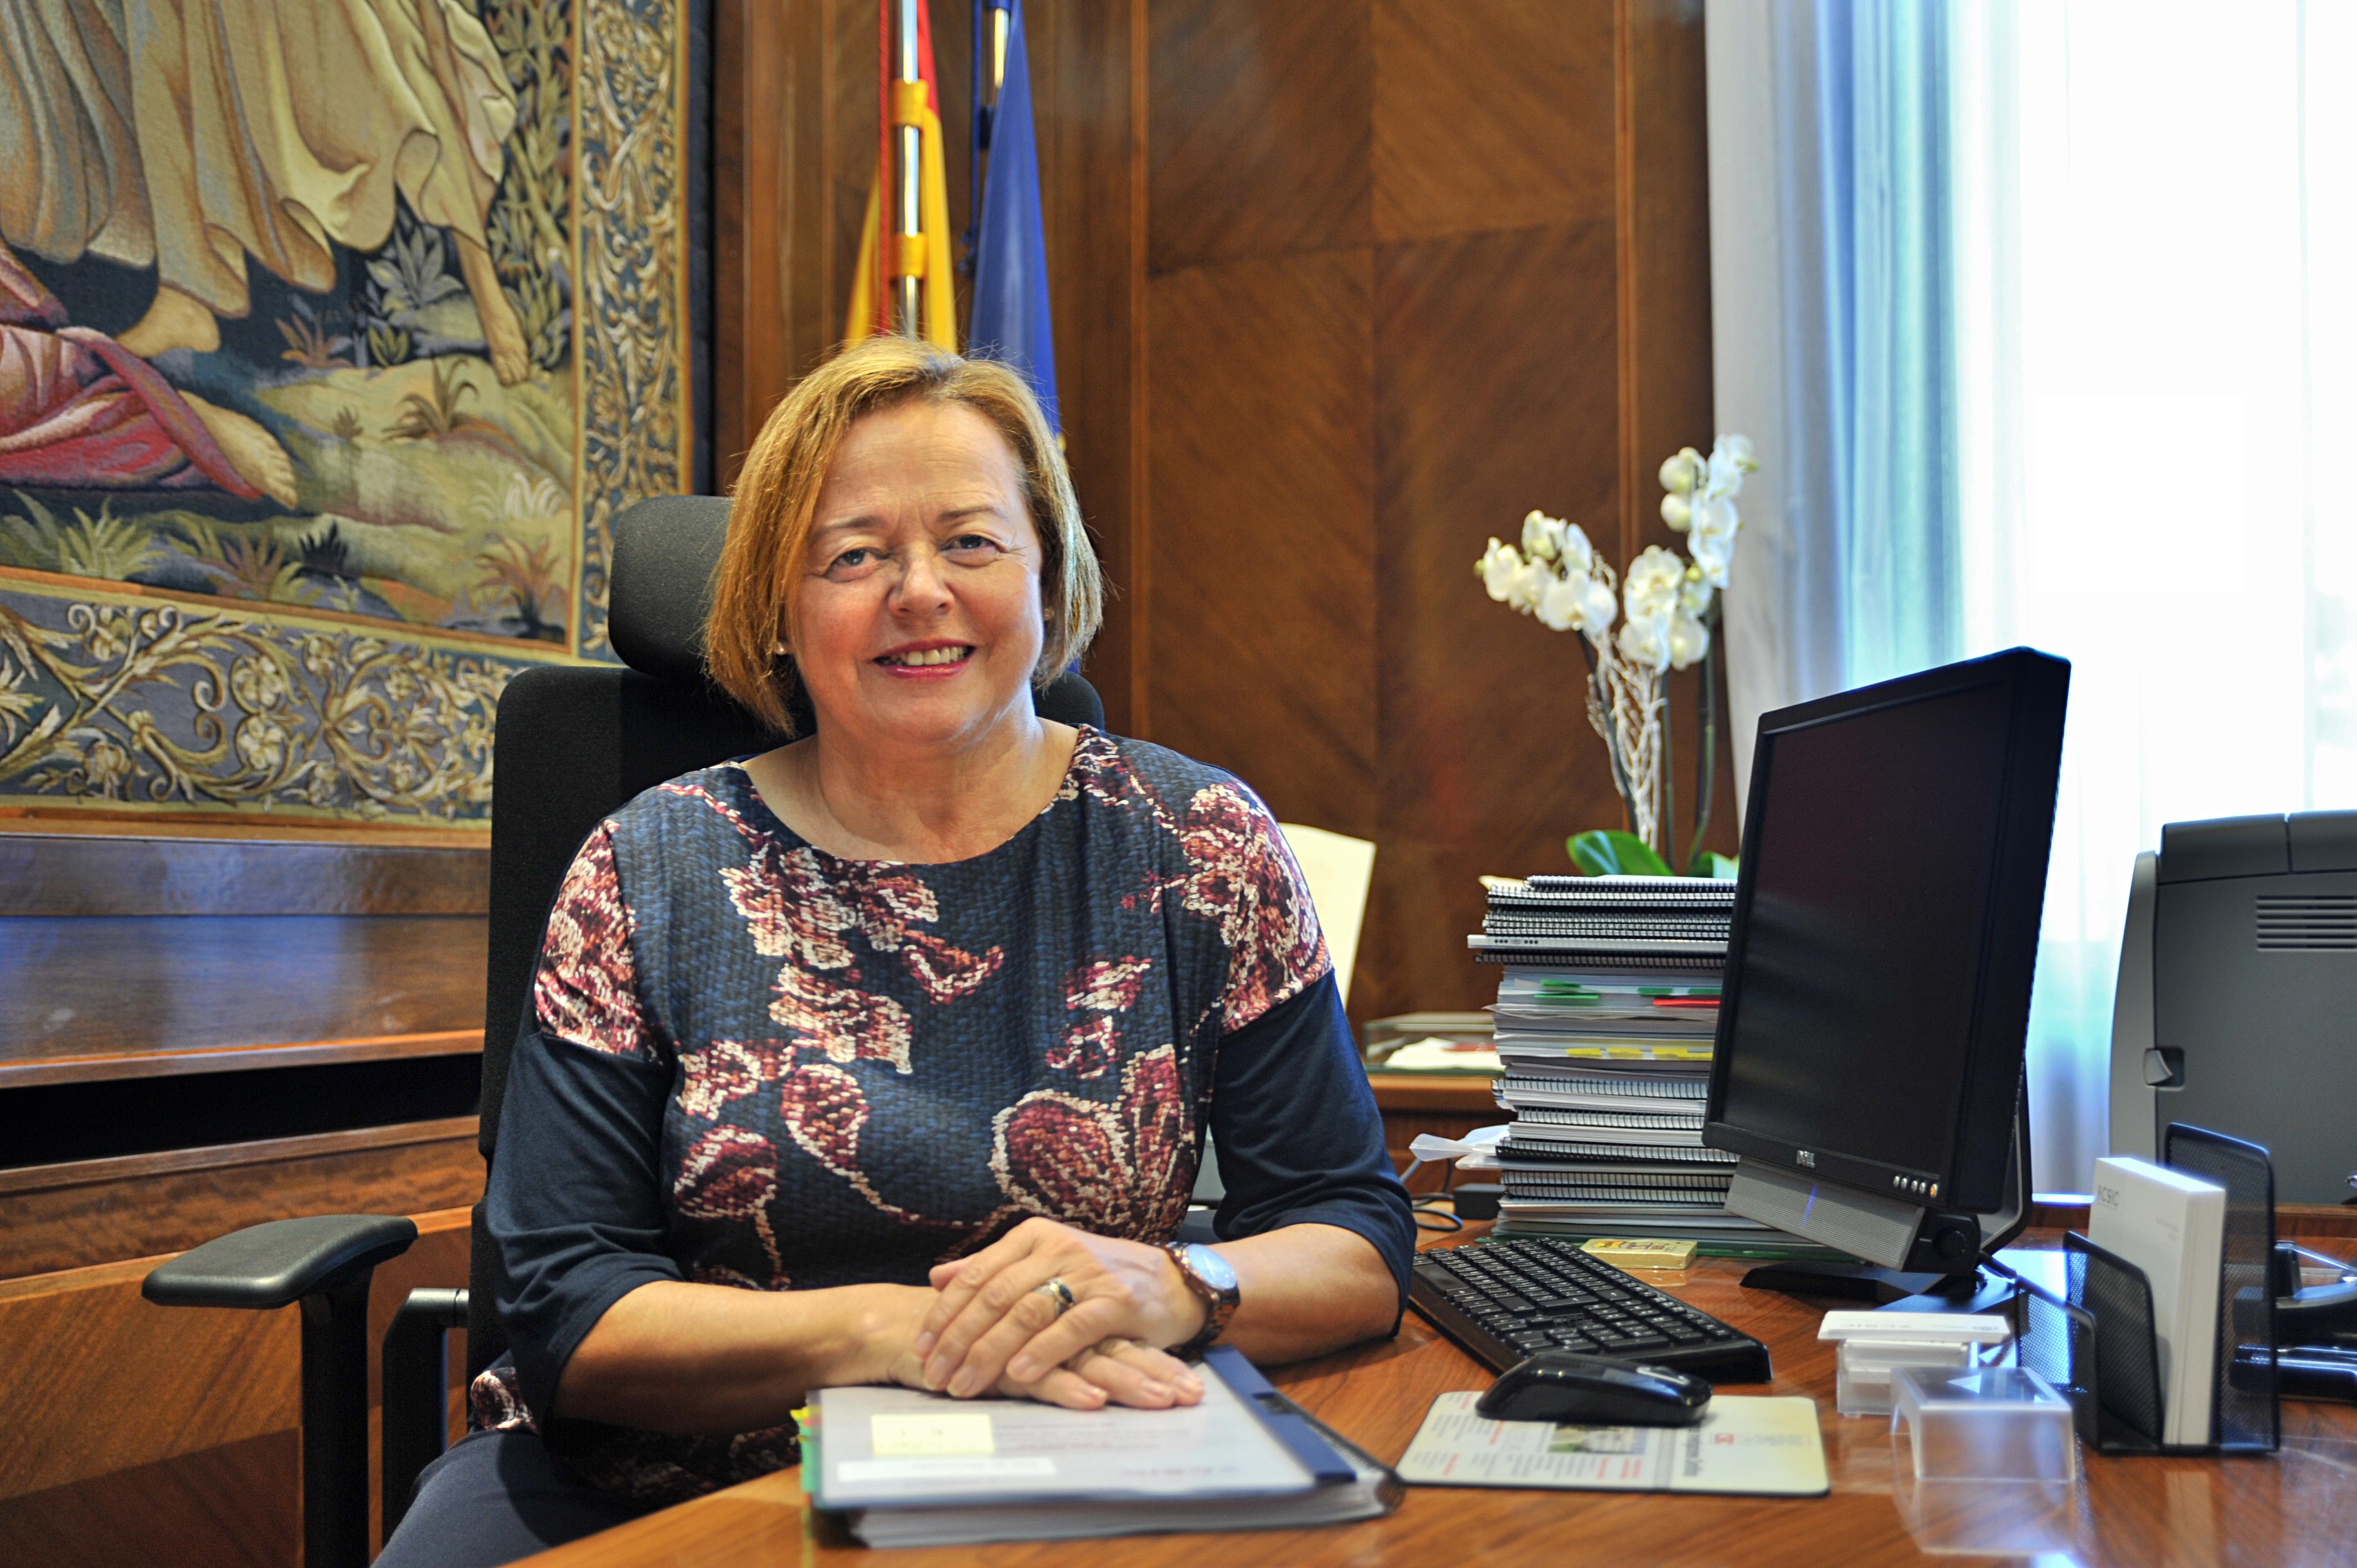 La presidenta del CSIC, Rosa Menéndez, en su despacho./ CSIC Comunicación